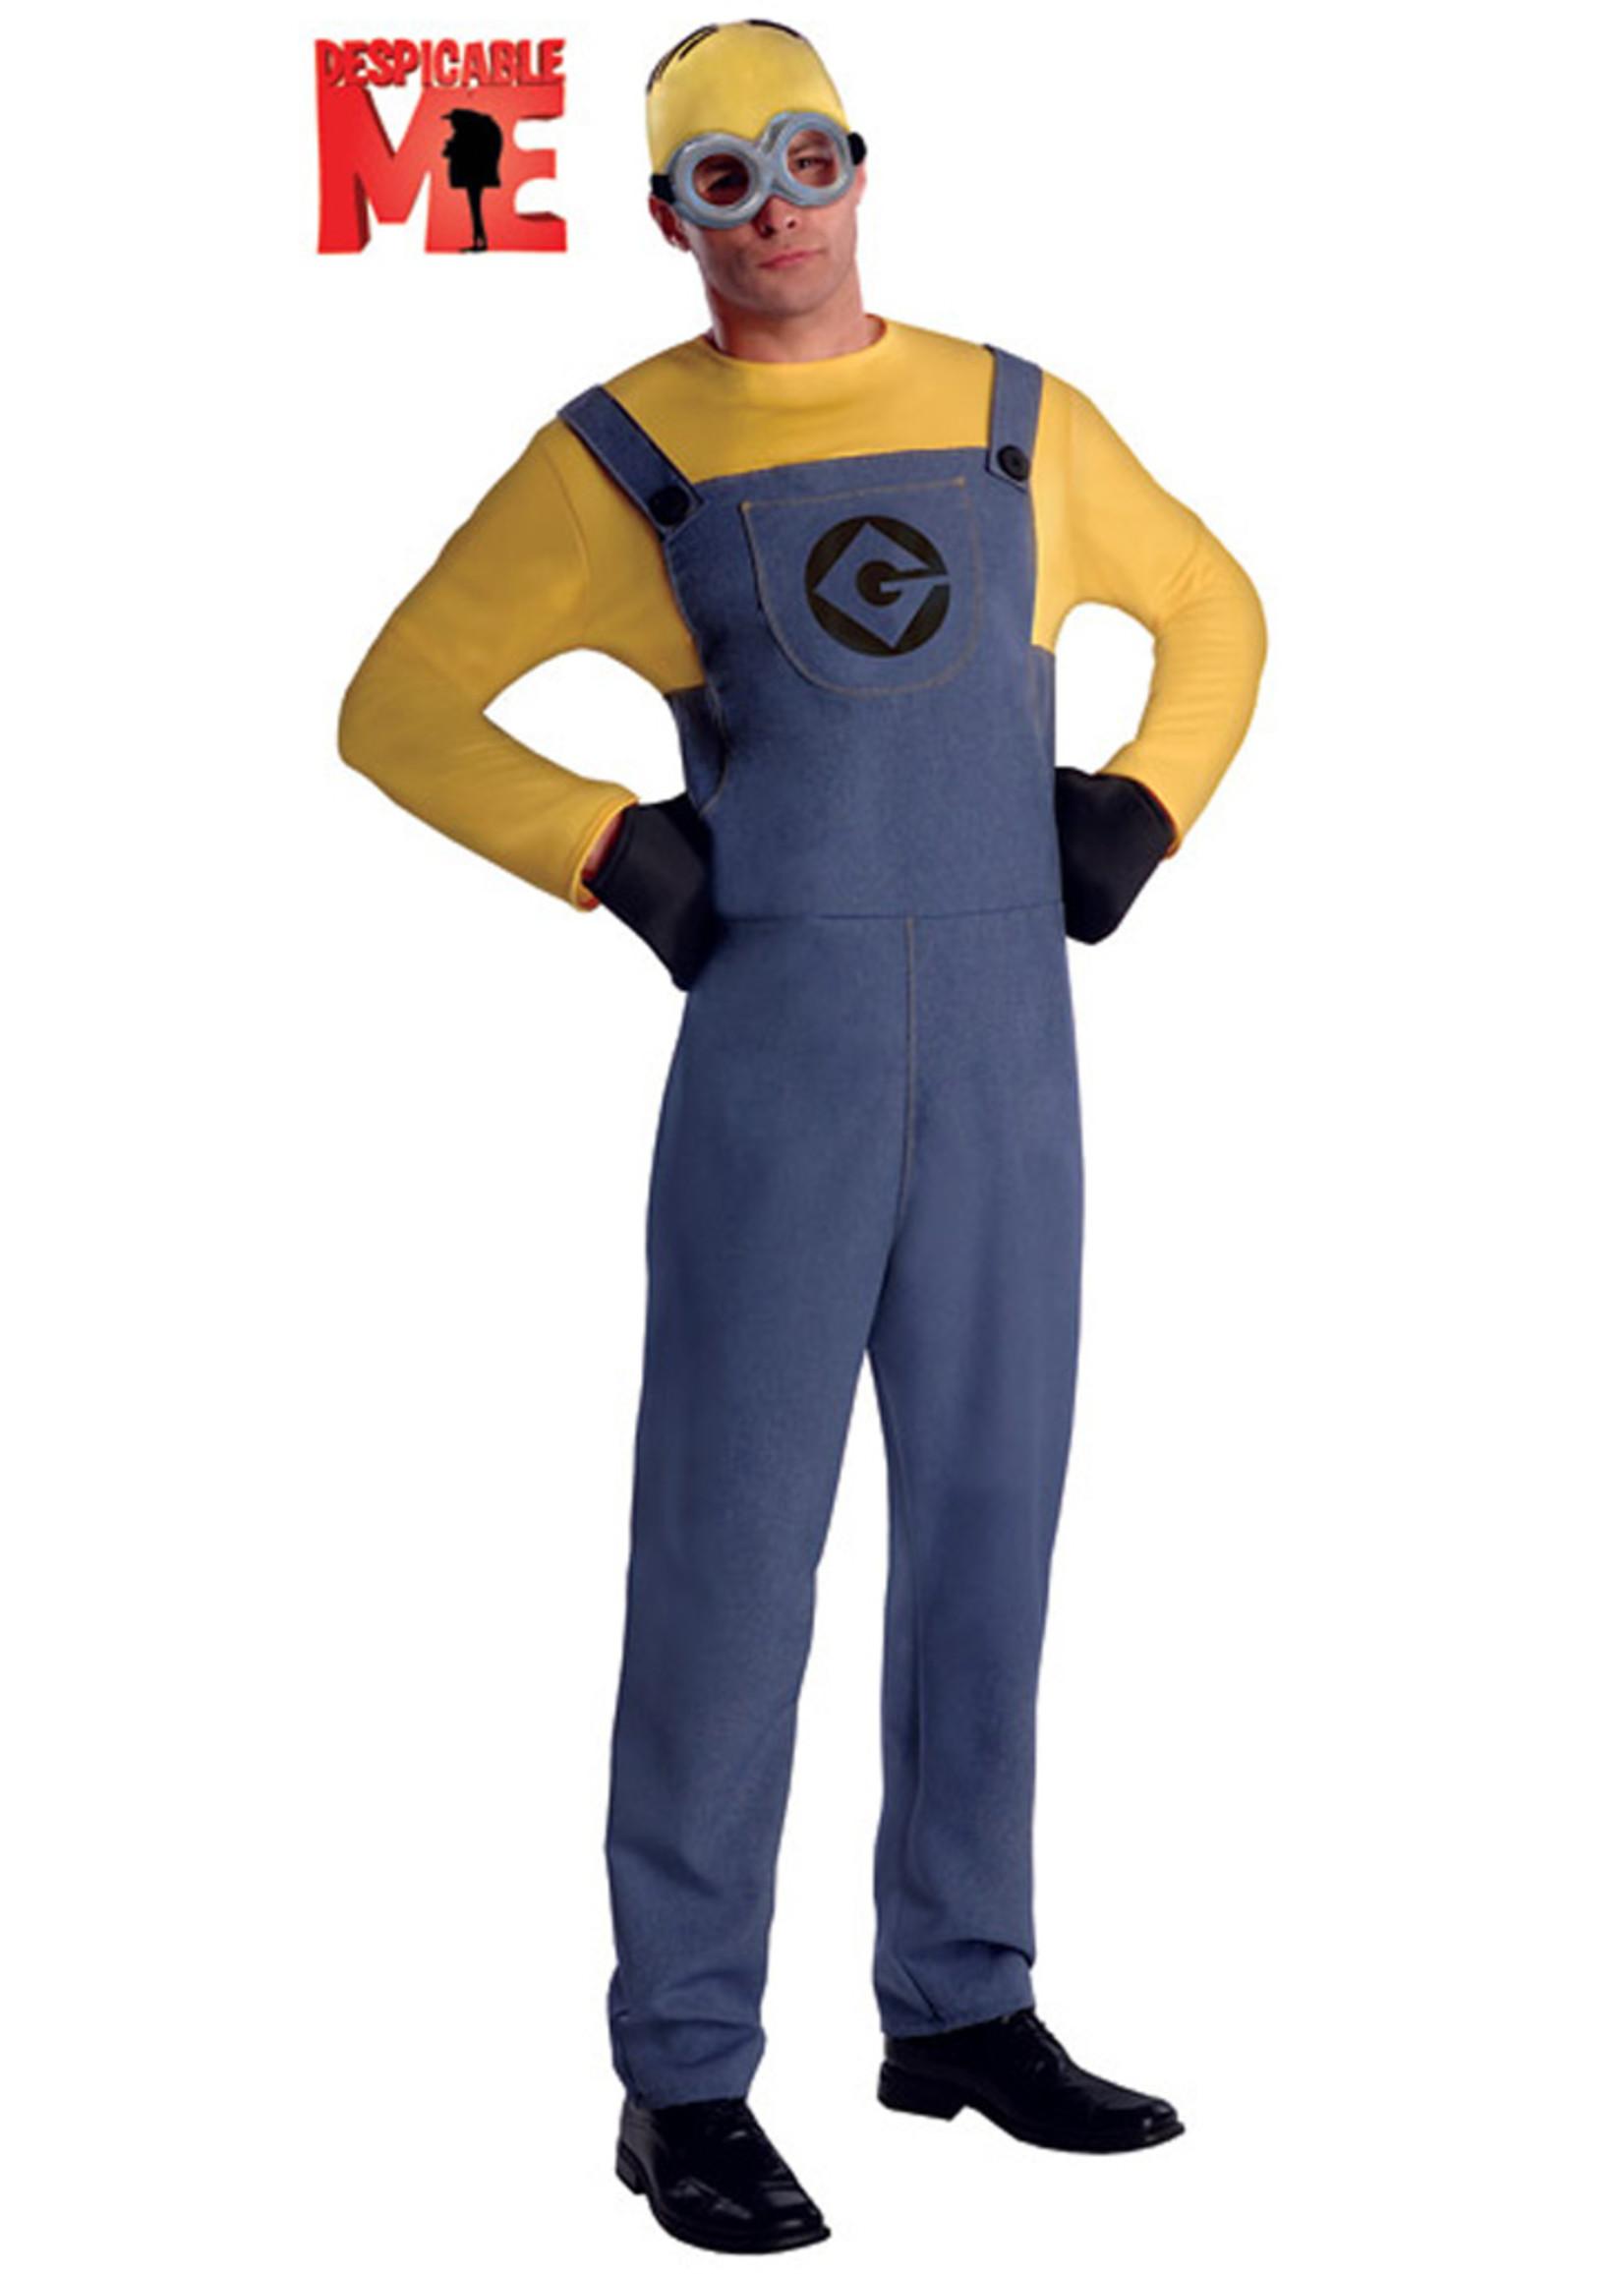 Minion Dave Costume - Men's